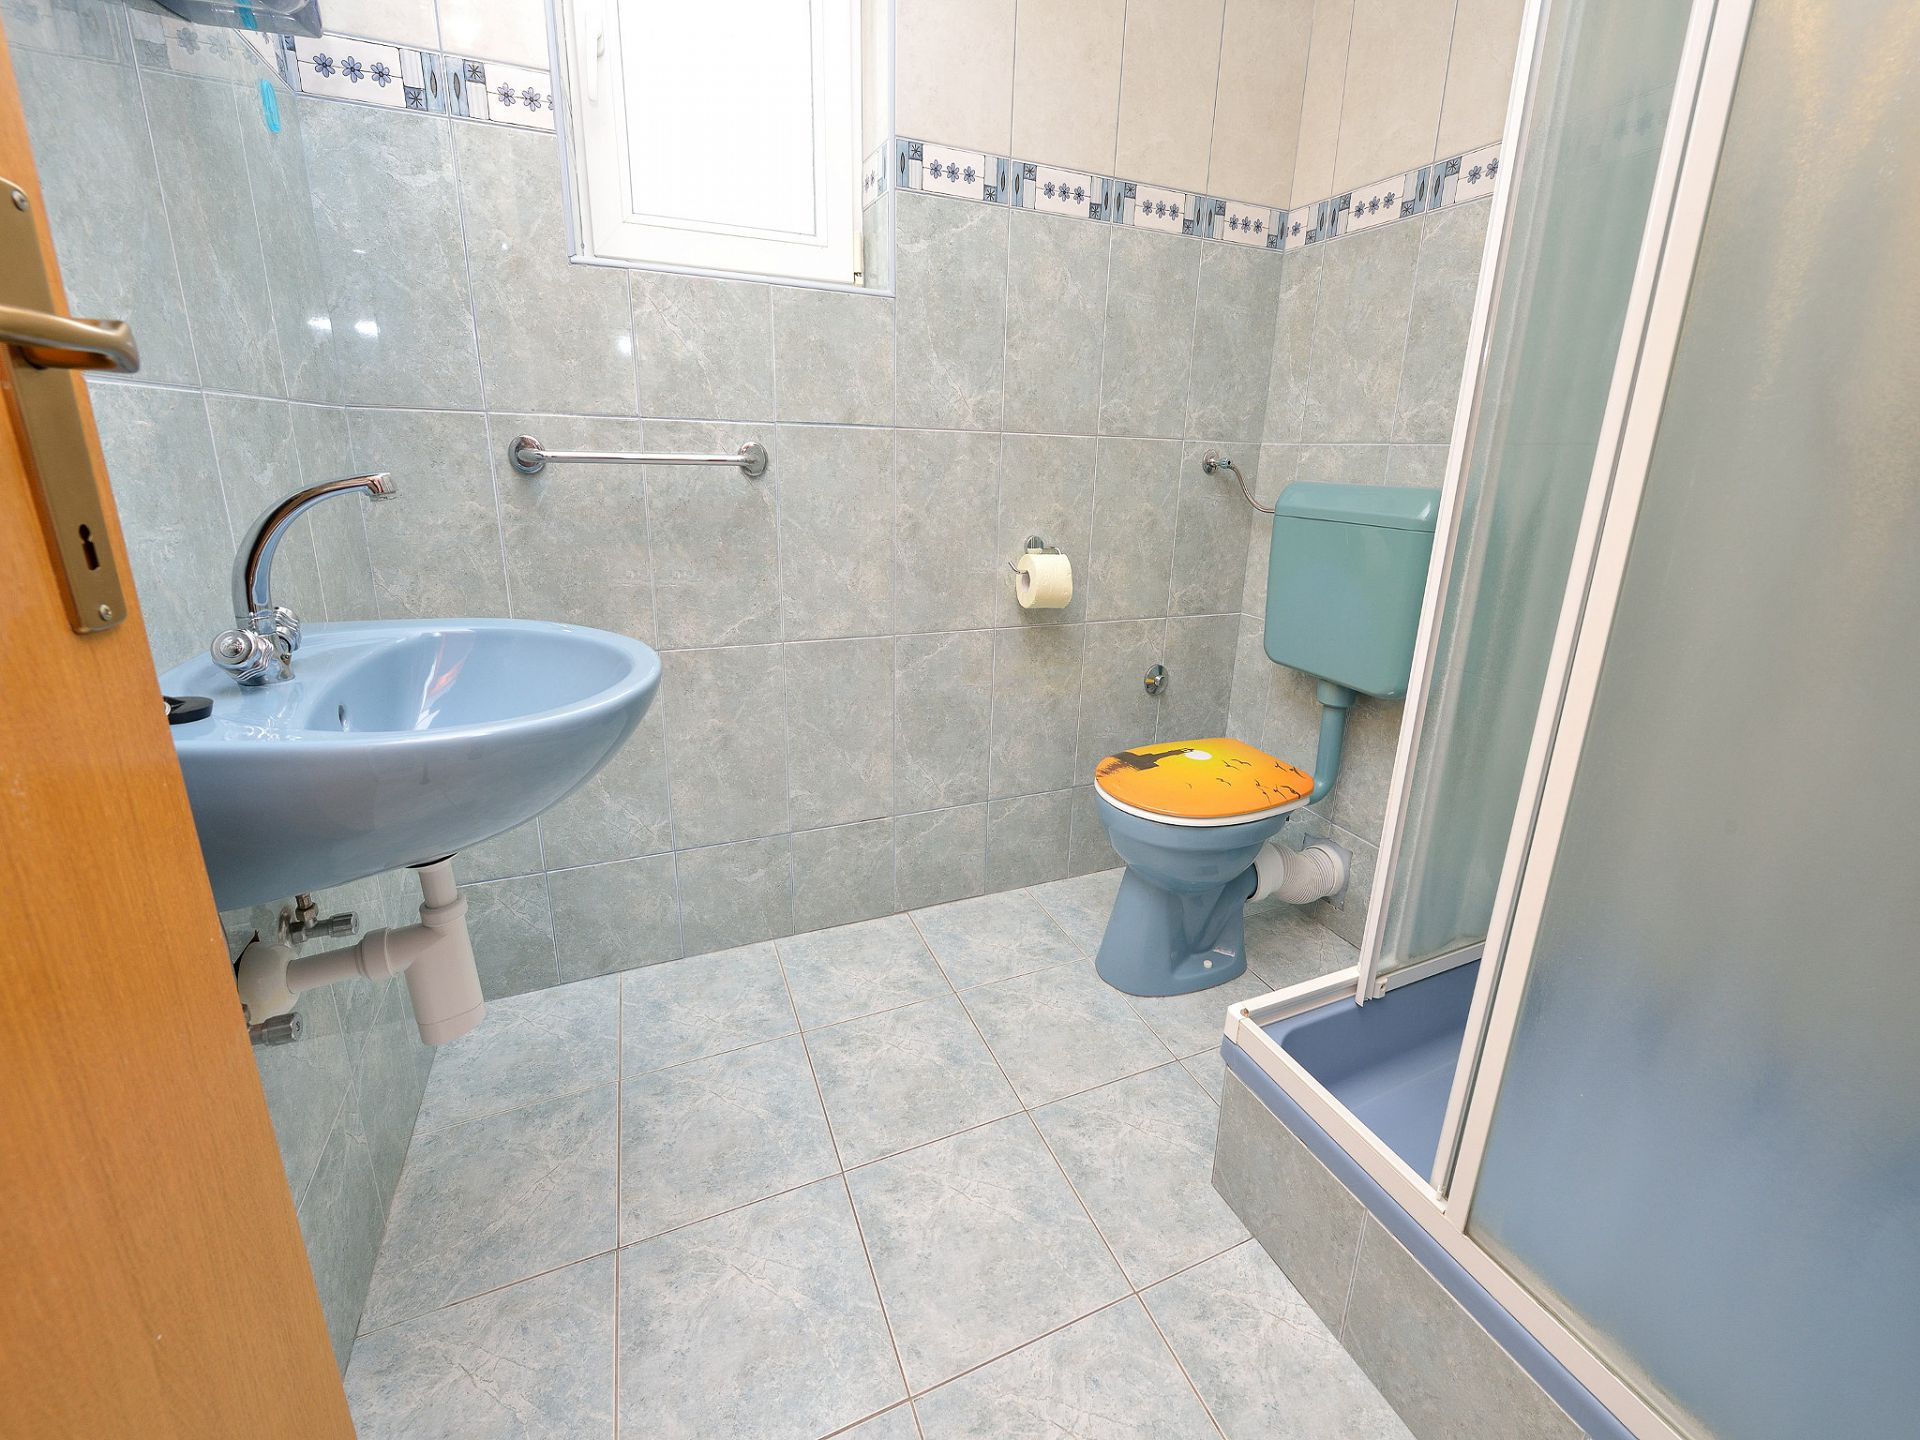 1675 - Drage - Apartmanok Horvátország - A2(2+2): fürdőszoba toalettel